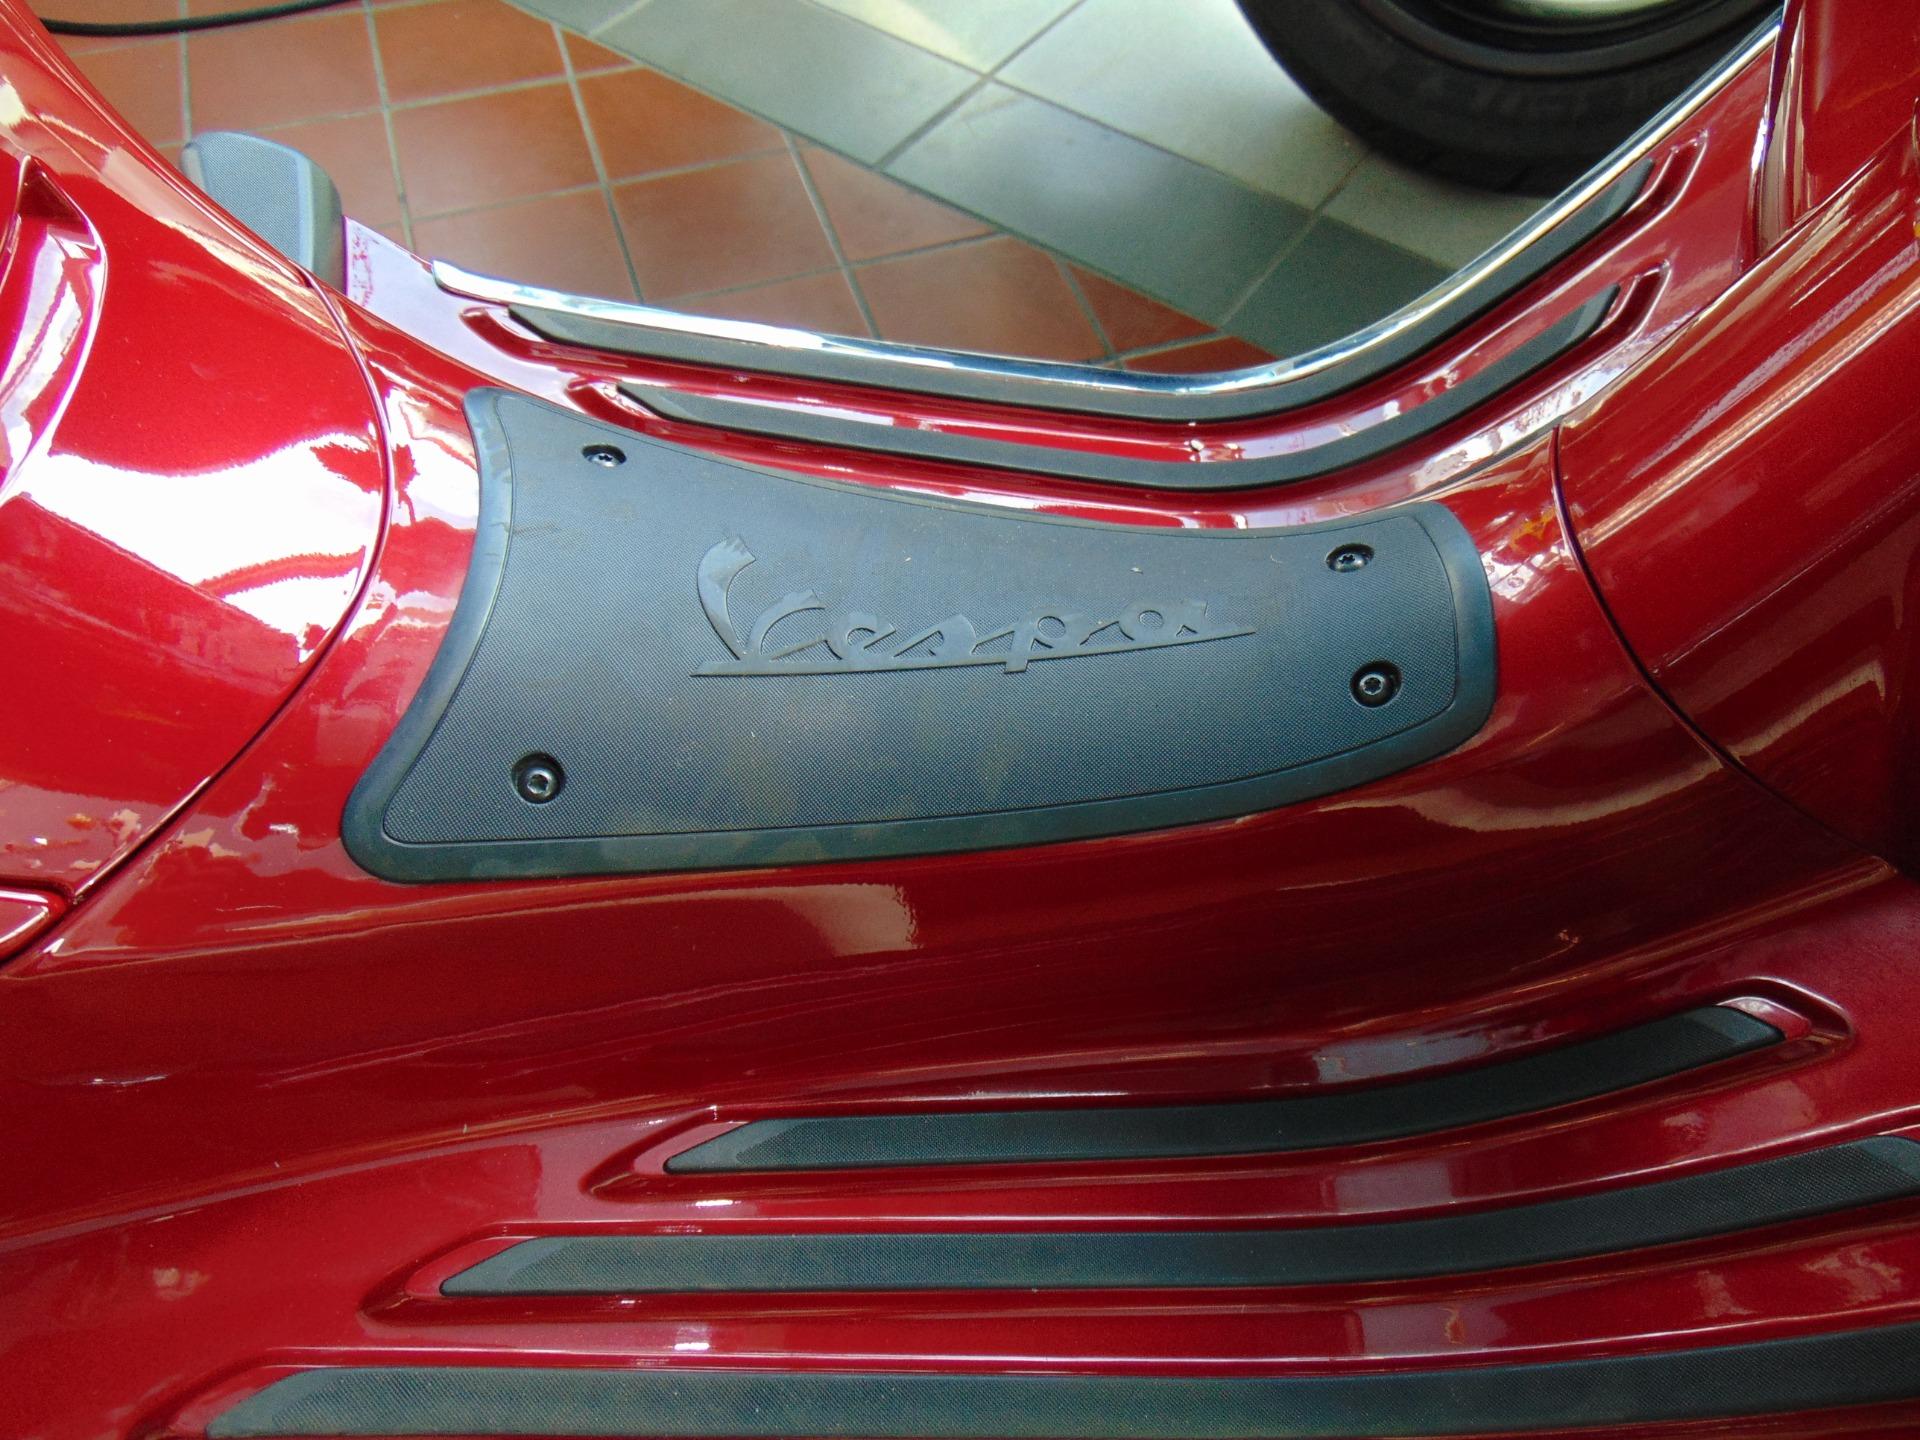 New-2019-Vespa-Primavera-150-Touring